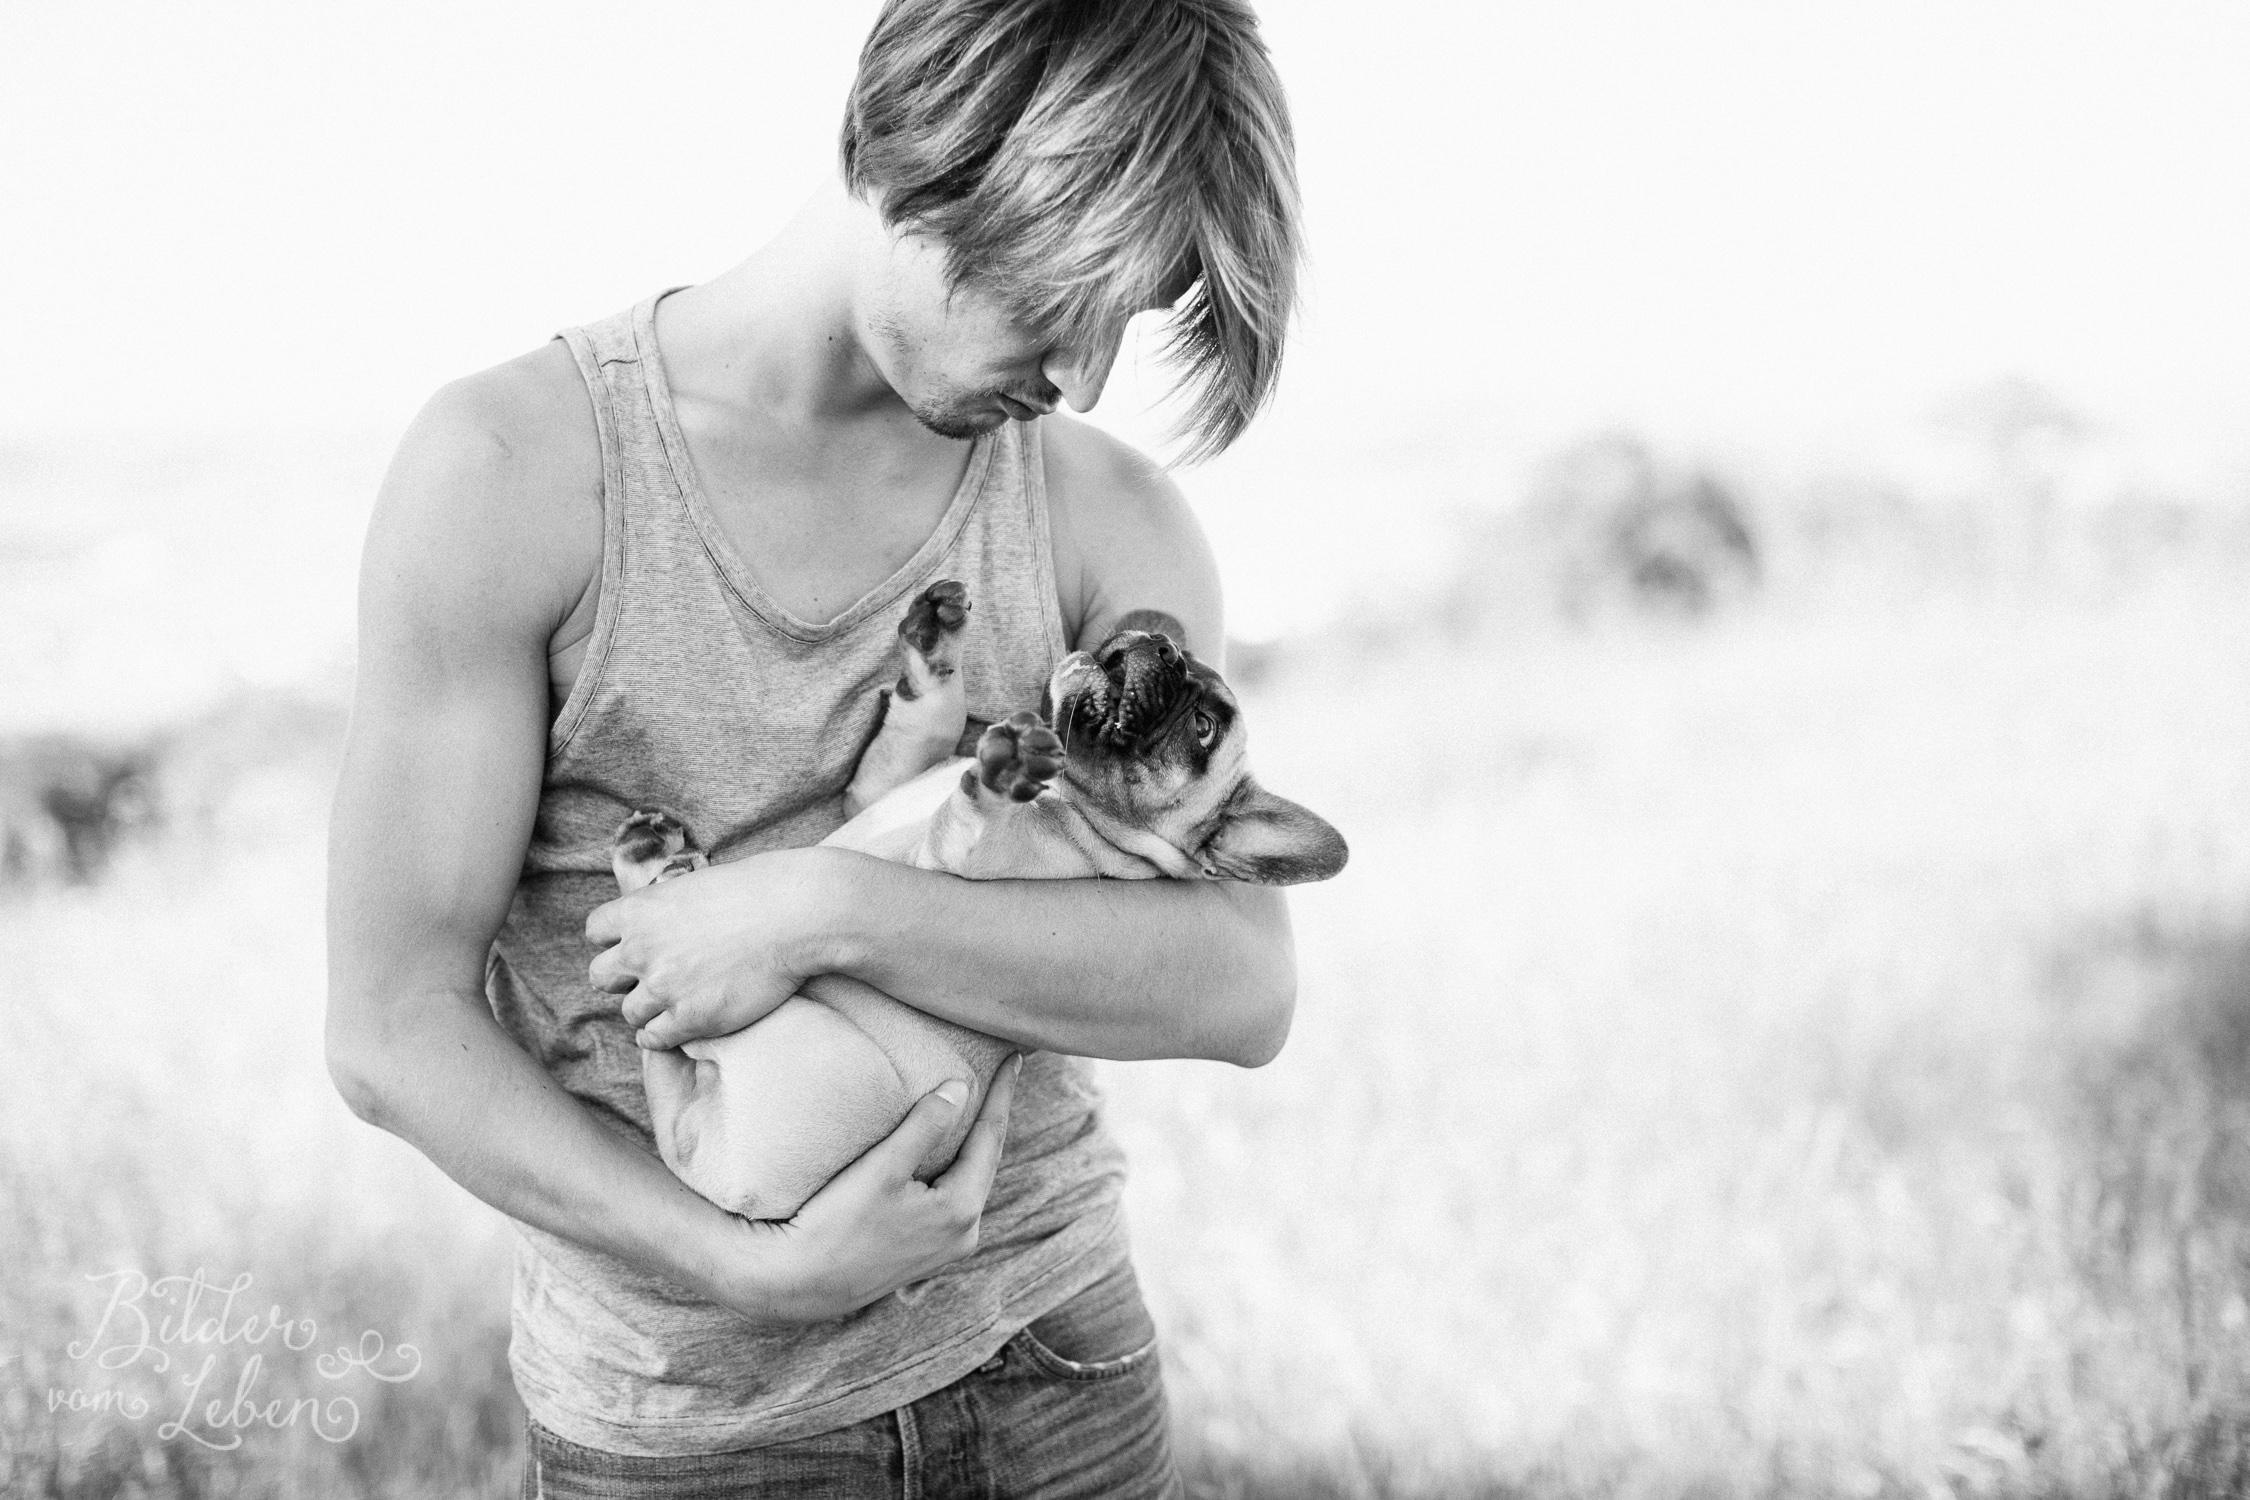 Franzoesische-Bulldogge-Portraits-BildervomLeben-2016-7534